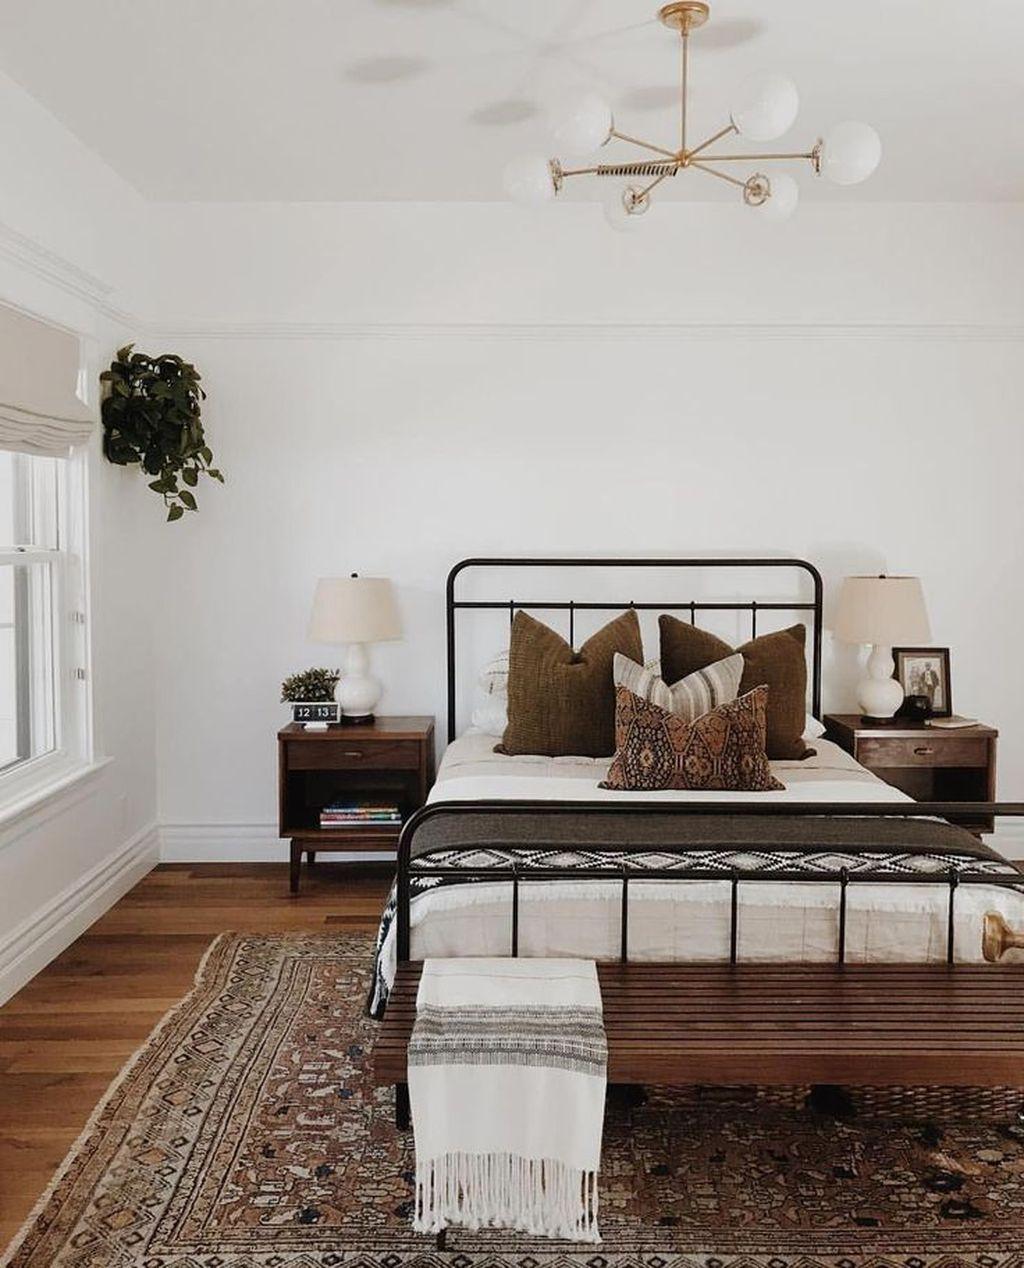 Stunning Mid Century Apartment Decor Ideas 02